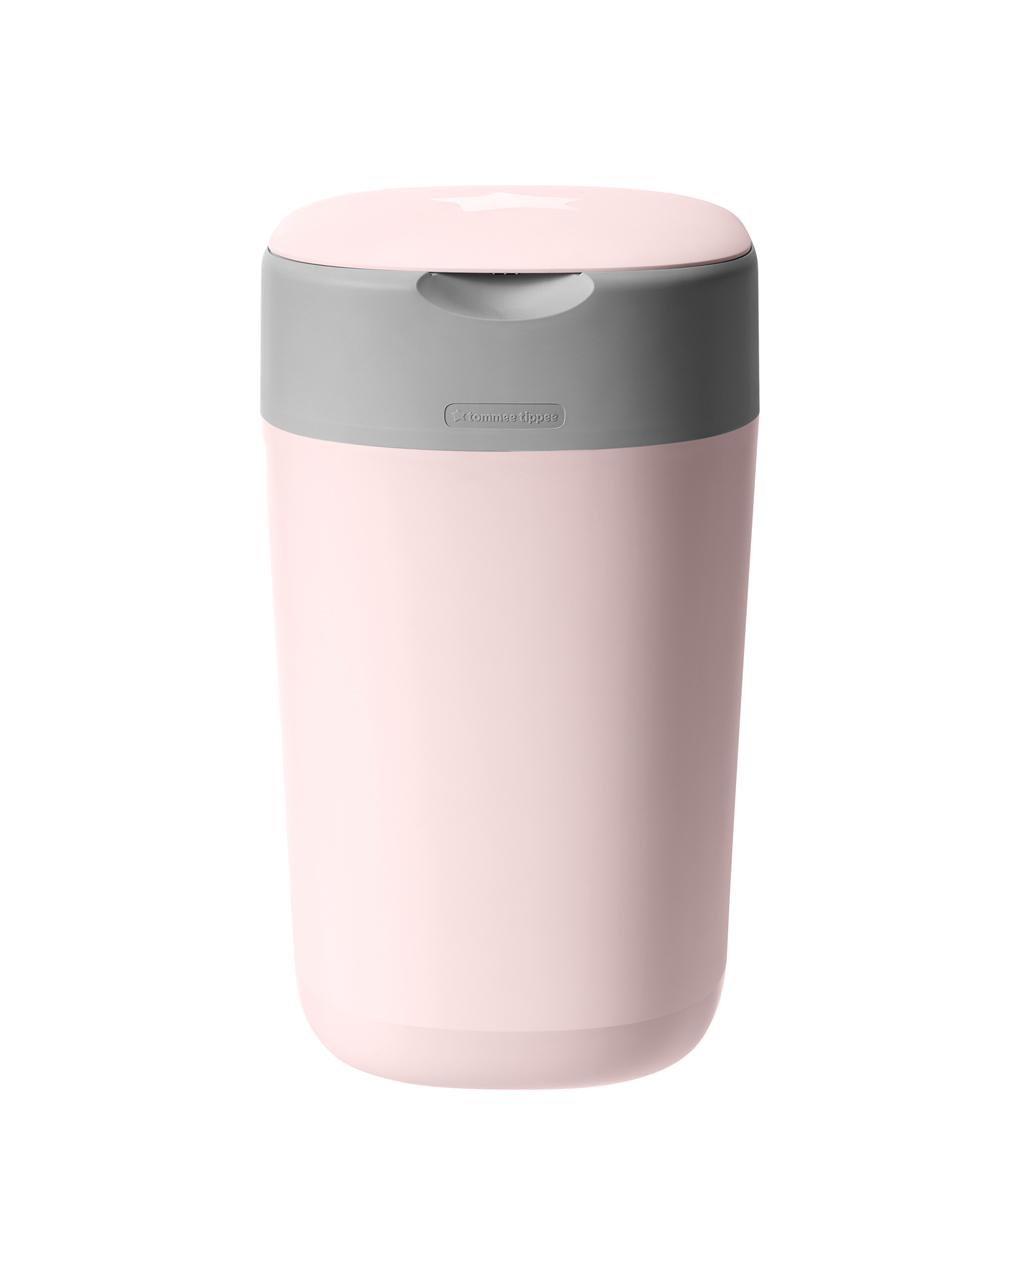 Girar e clicar no recipiente rosa - Tommee Tippee